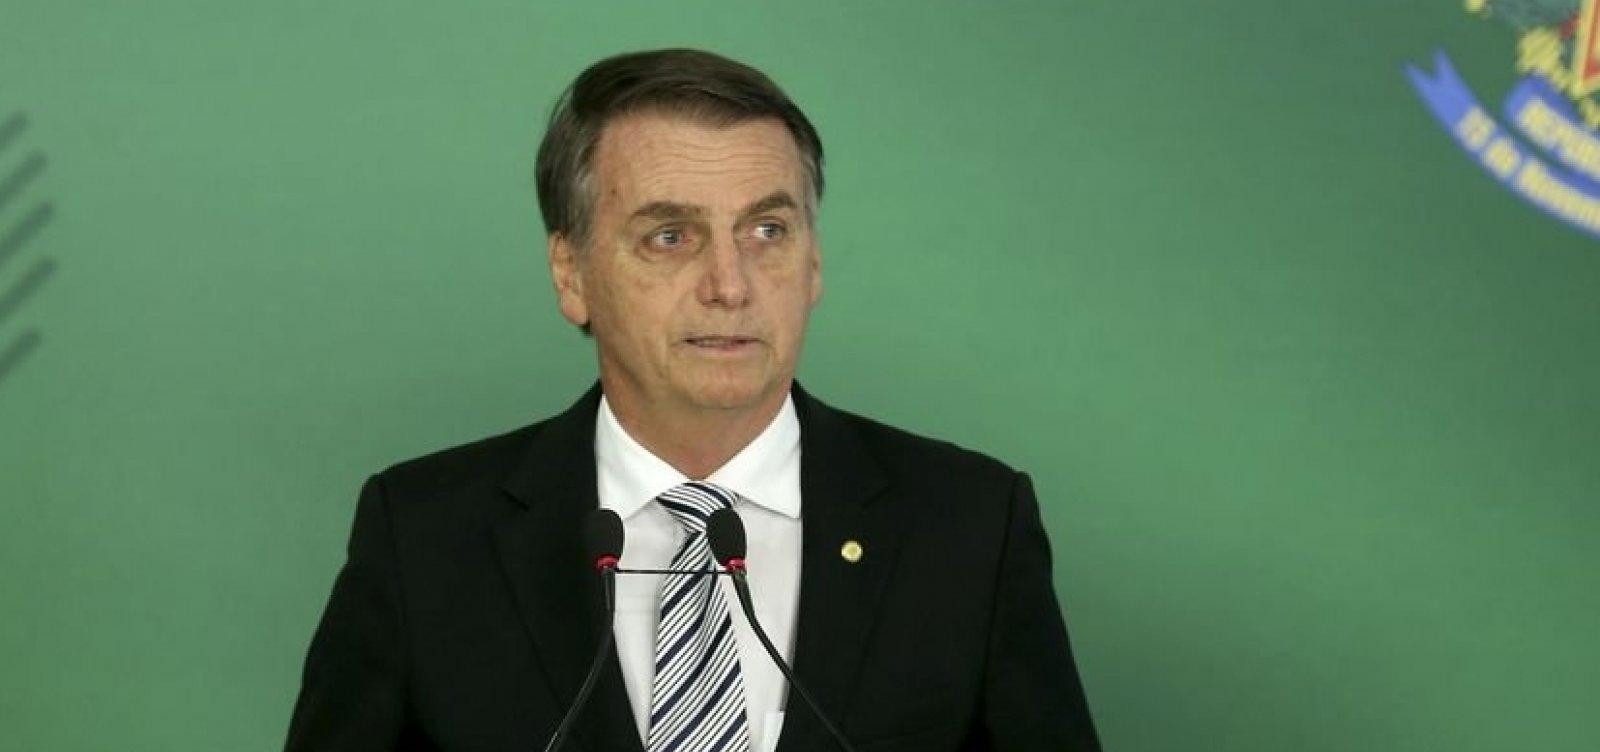 Equipe de Bolsonaro escala 'velha guarda' da Câmara para articular reforma da Previdência